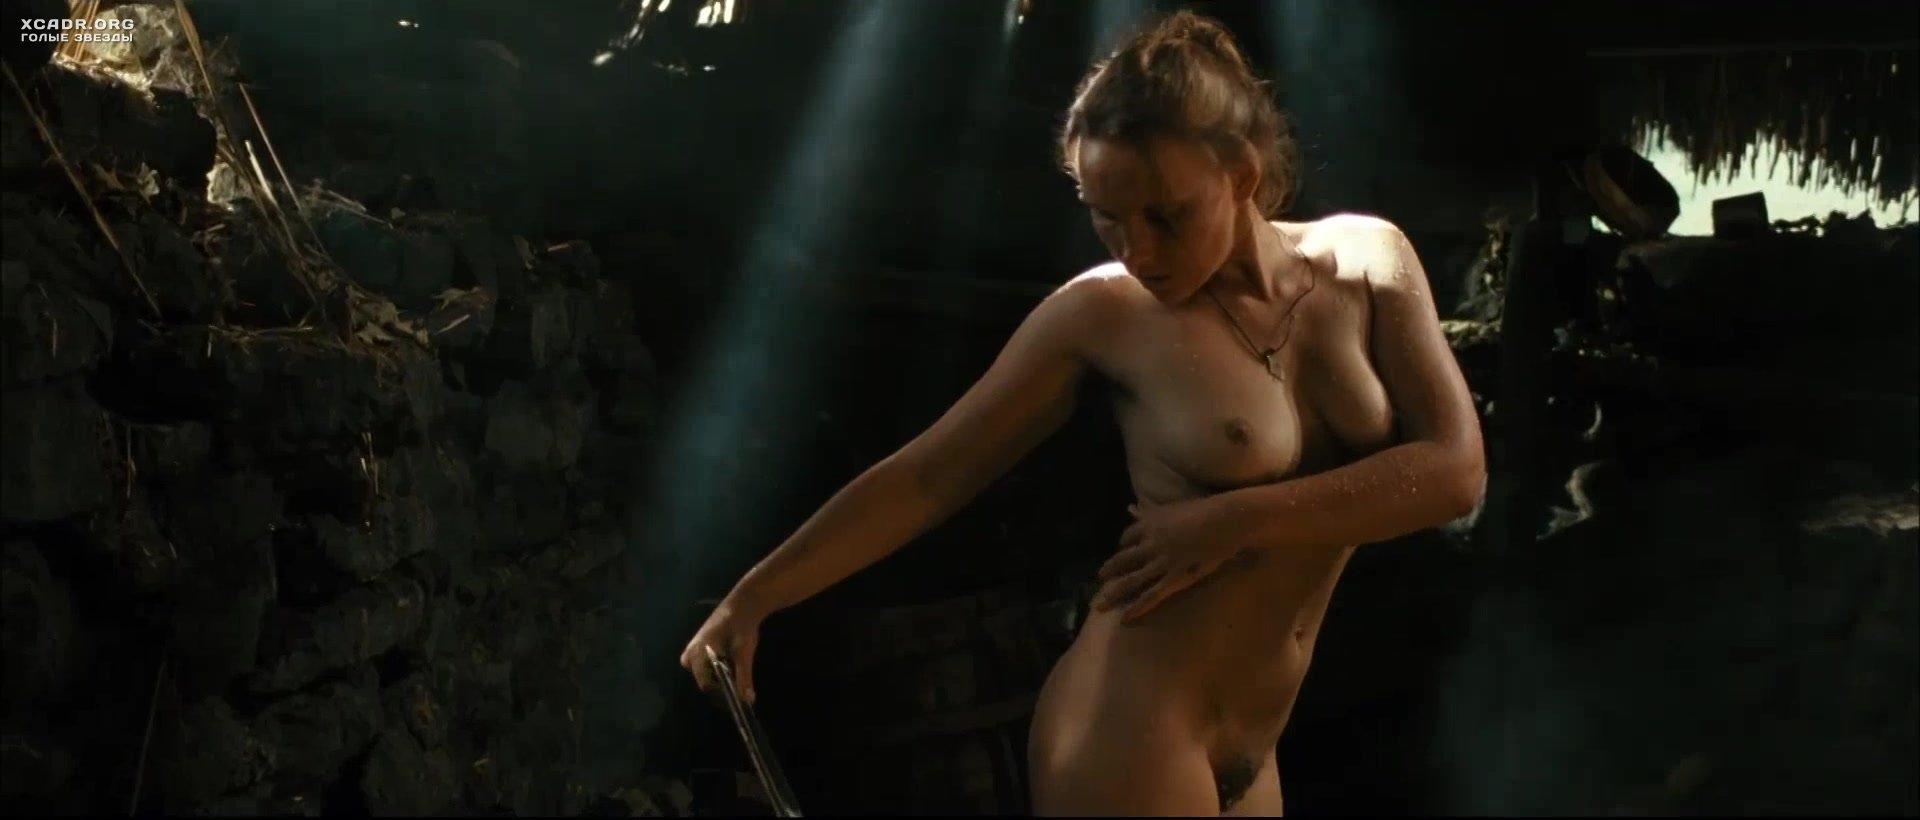 Девушки эротические сцены русских фильмов видео классные фигуры